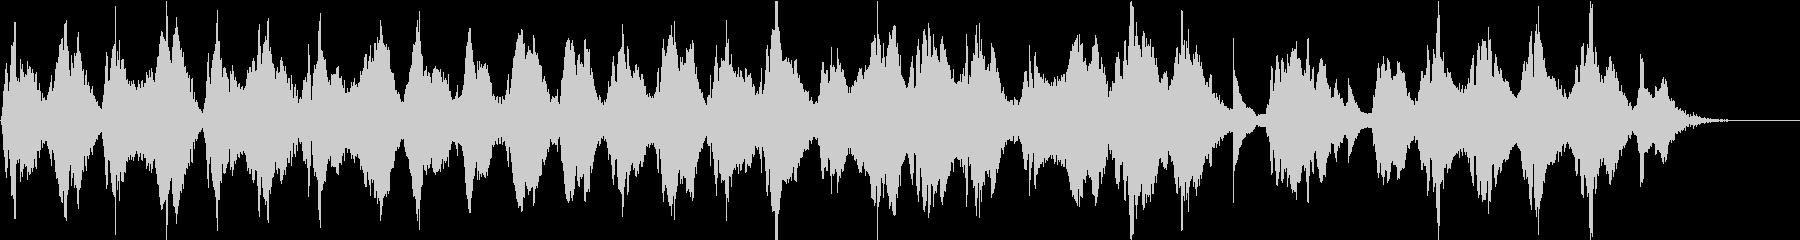 二胡・ピアノによるアンビエンス楽曲の未再生の波形